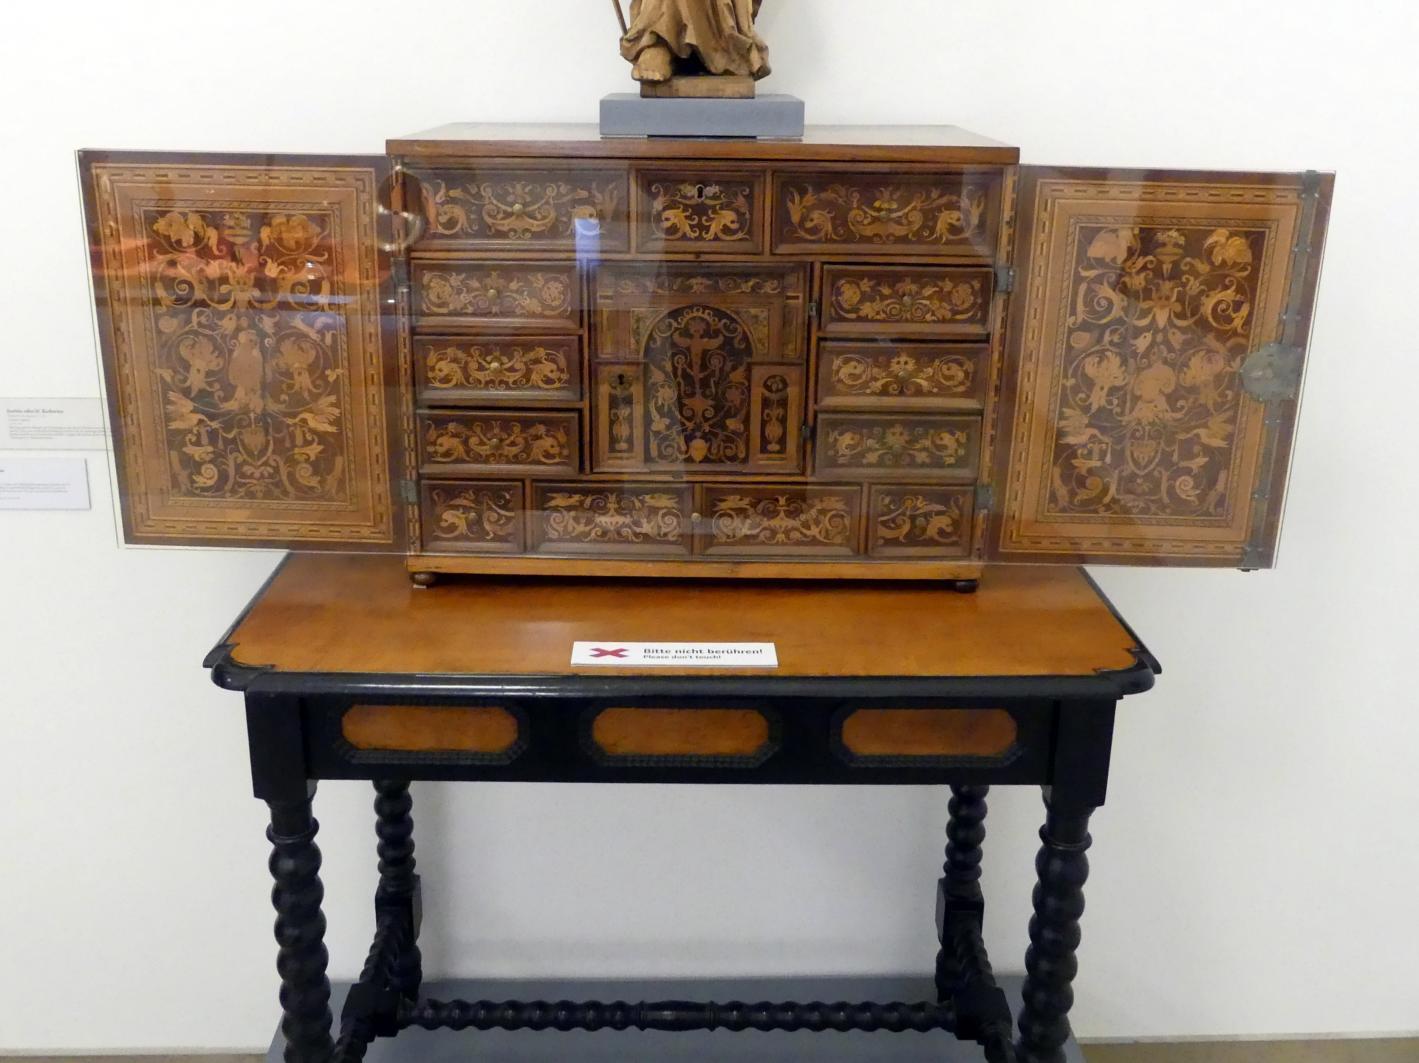 Schreibkabinett, Um 1600